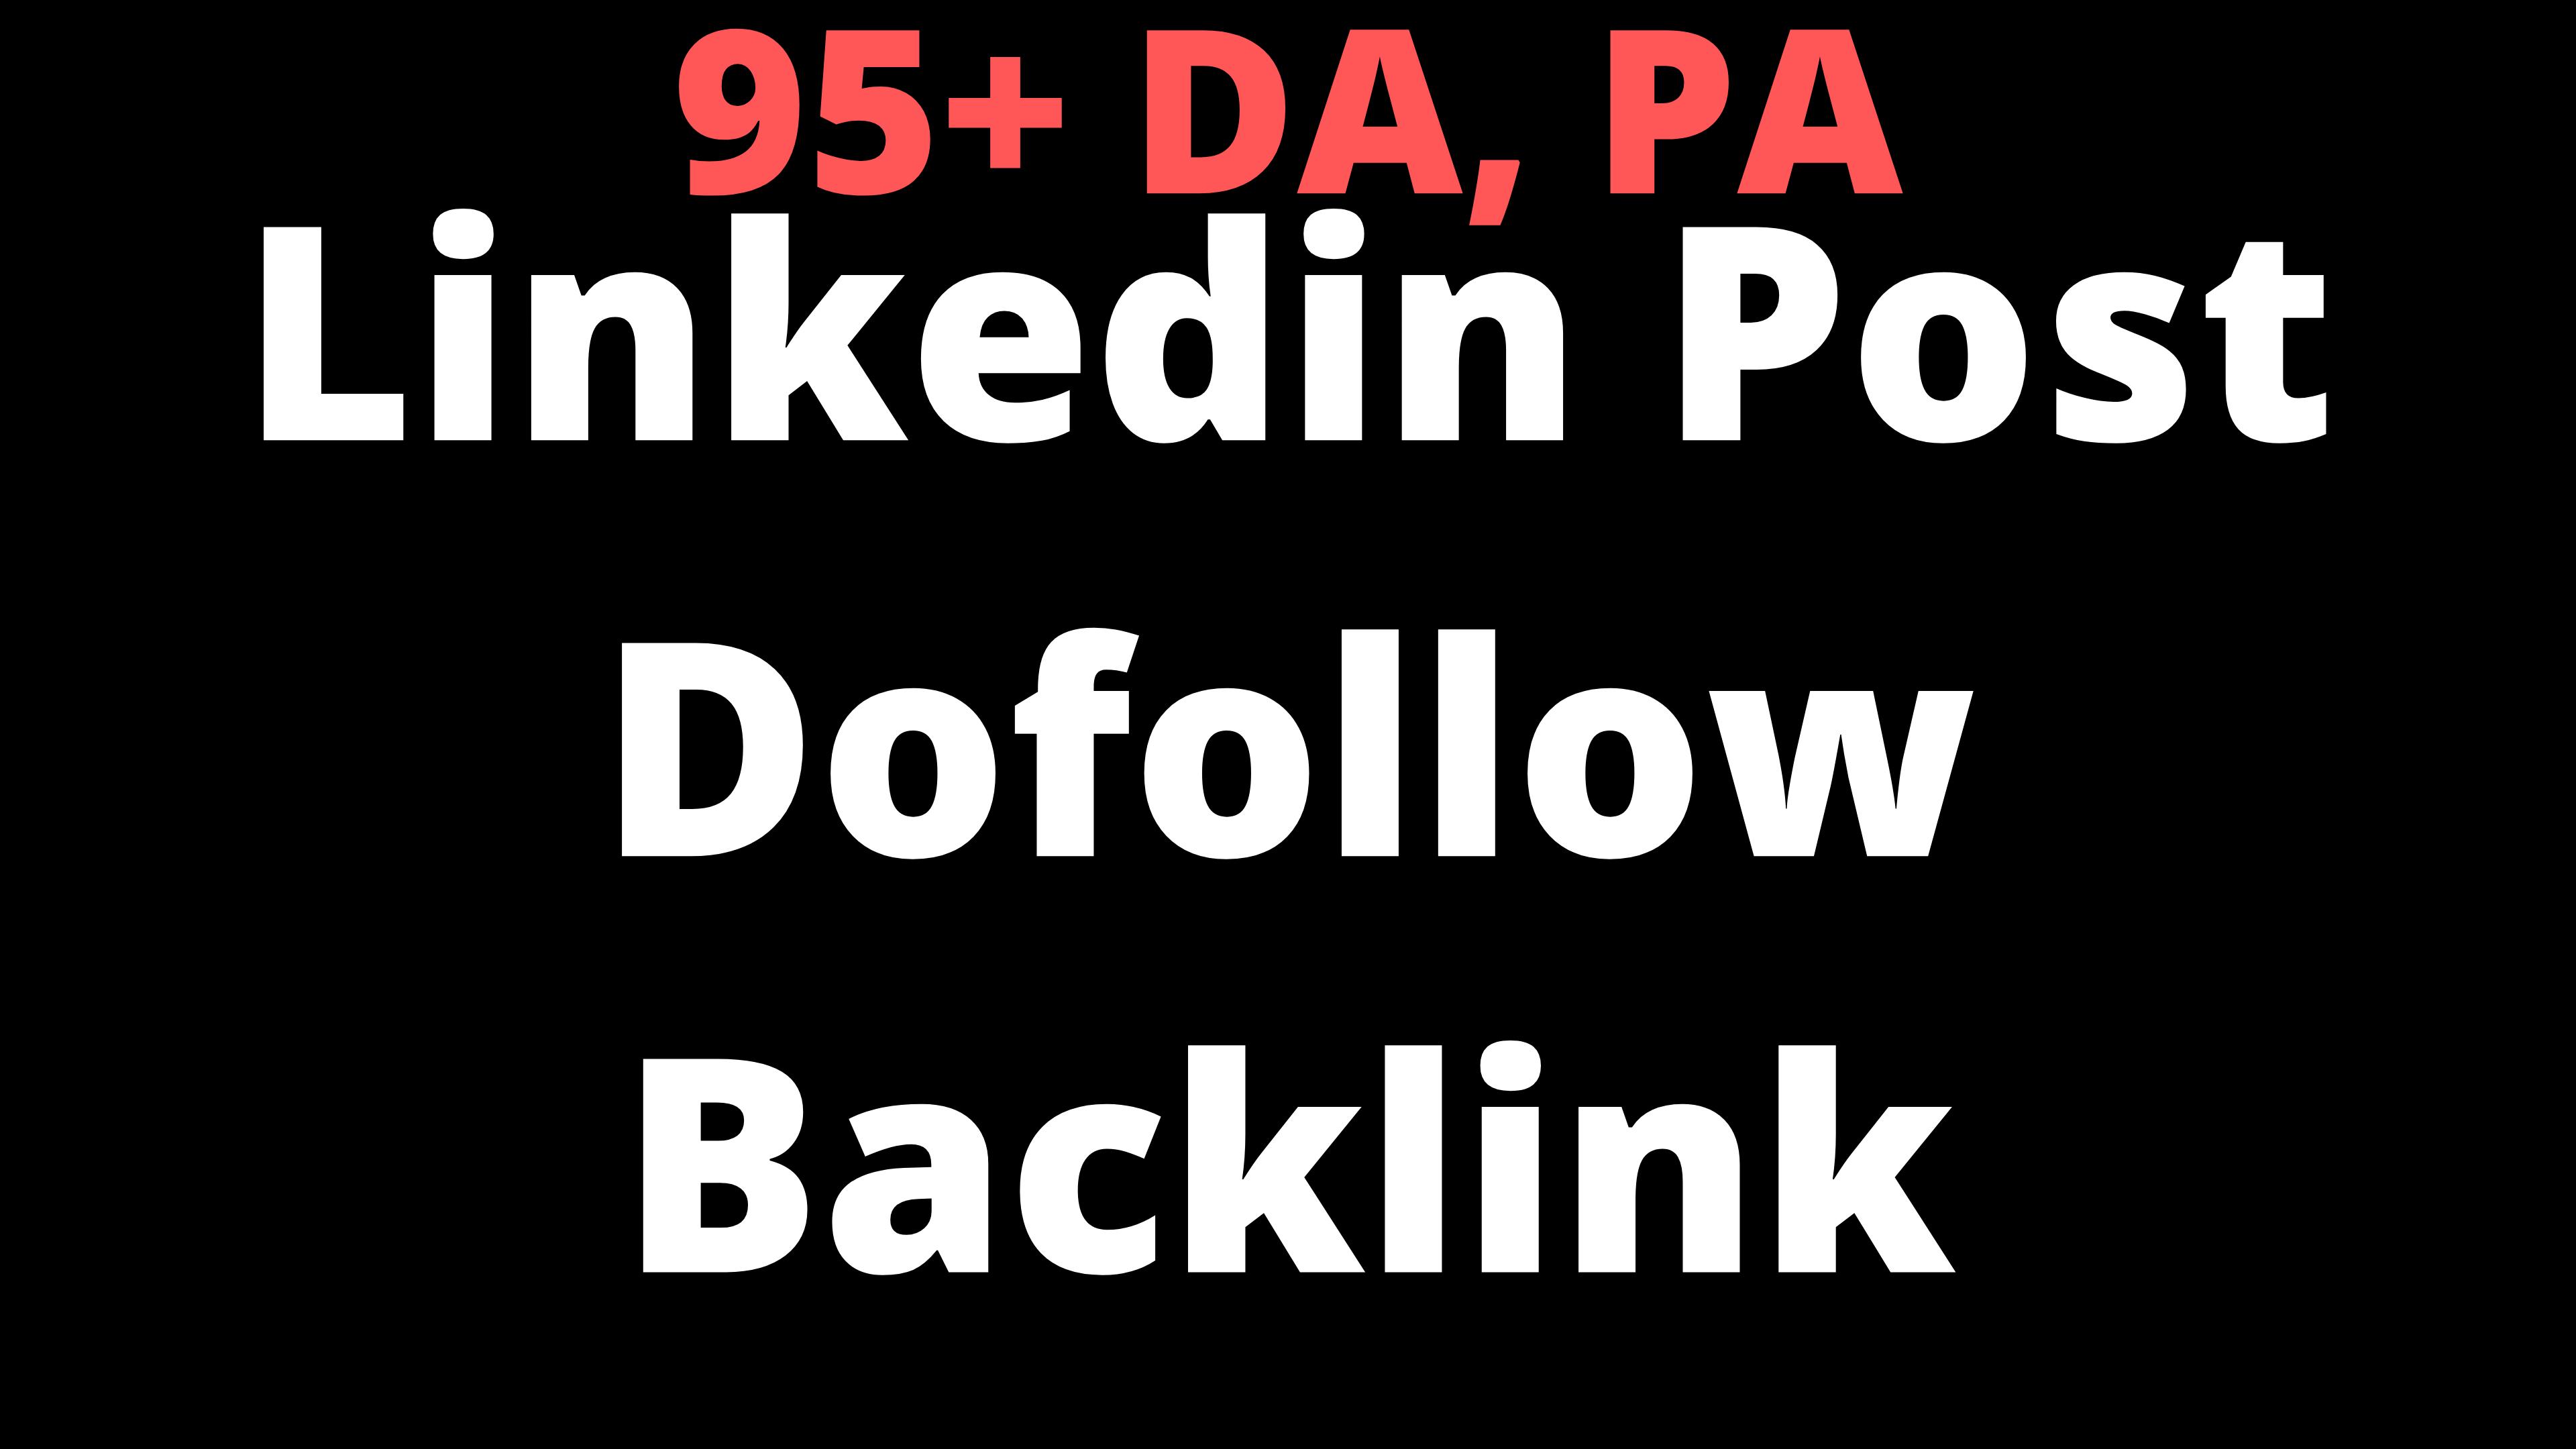 Super DA97 Do-follow 1 Backlink from linkedin